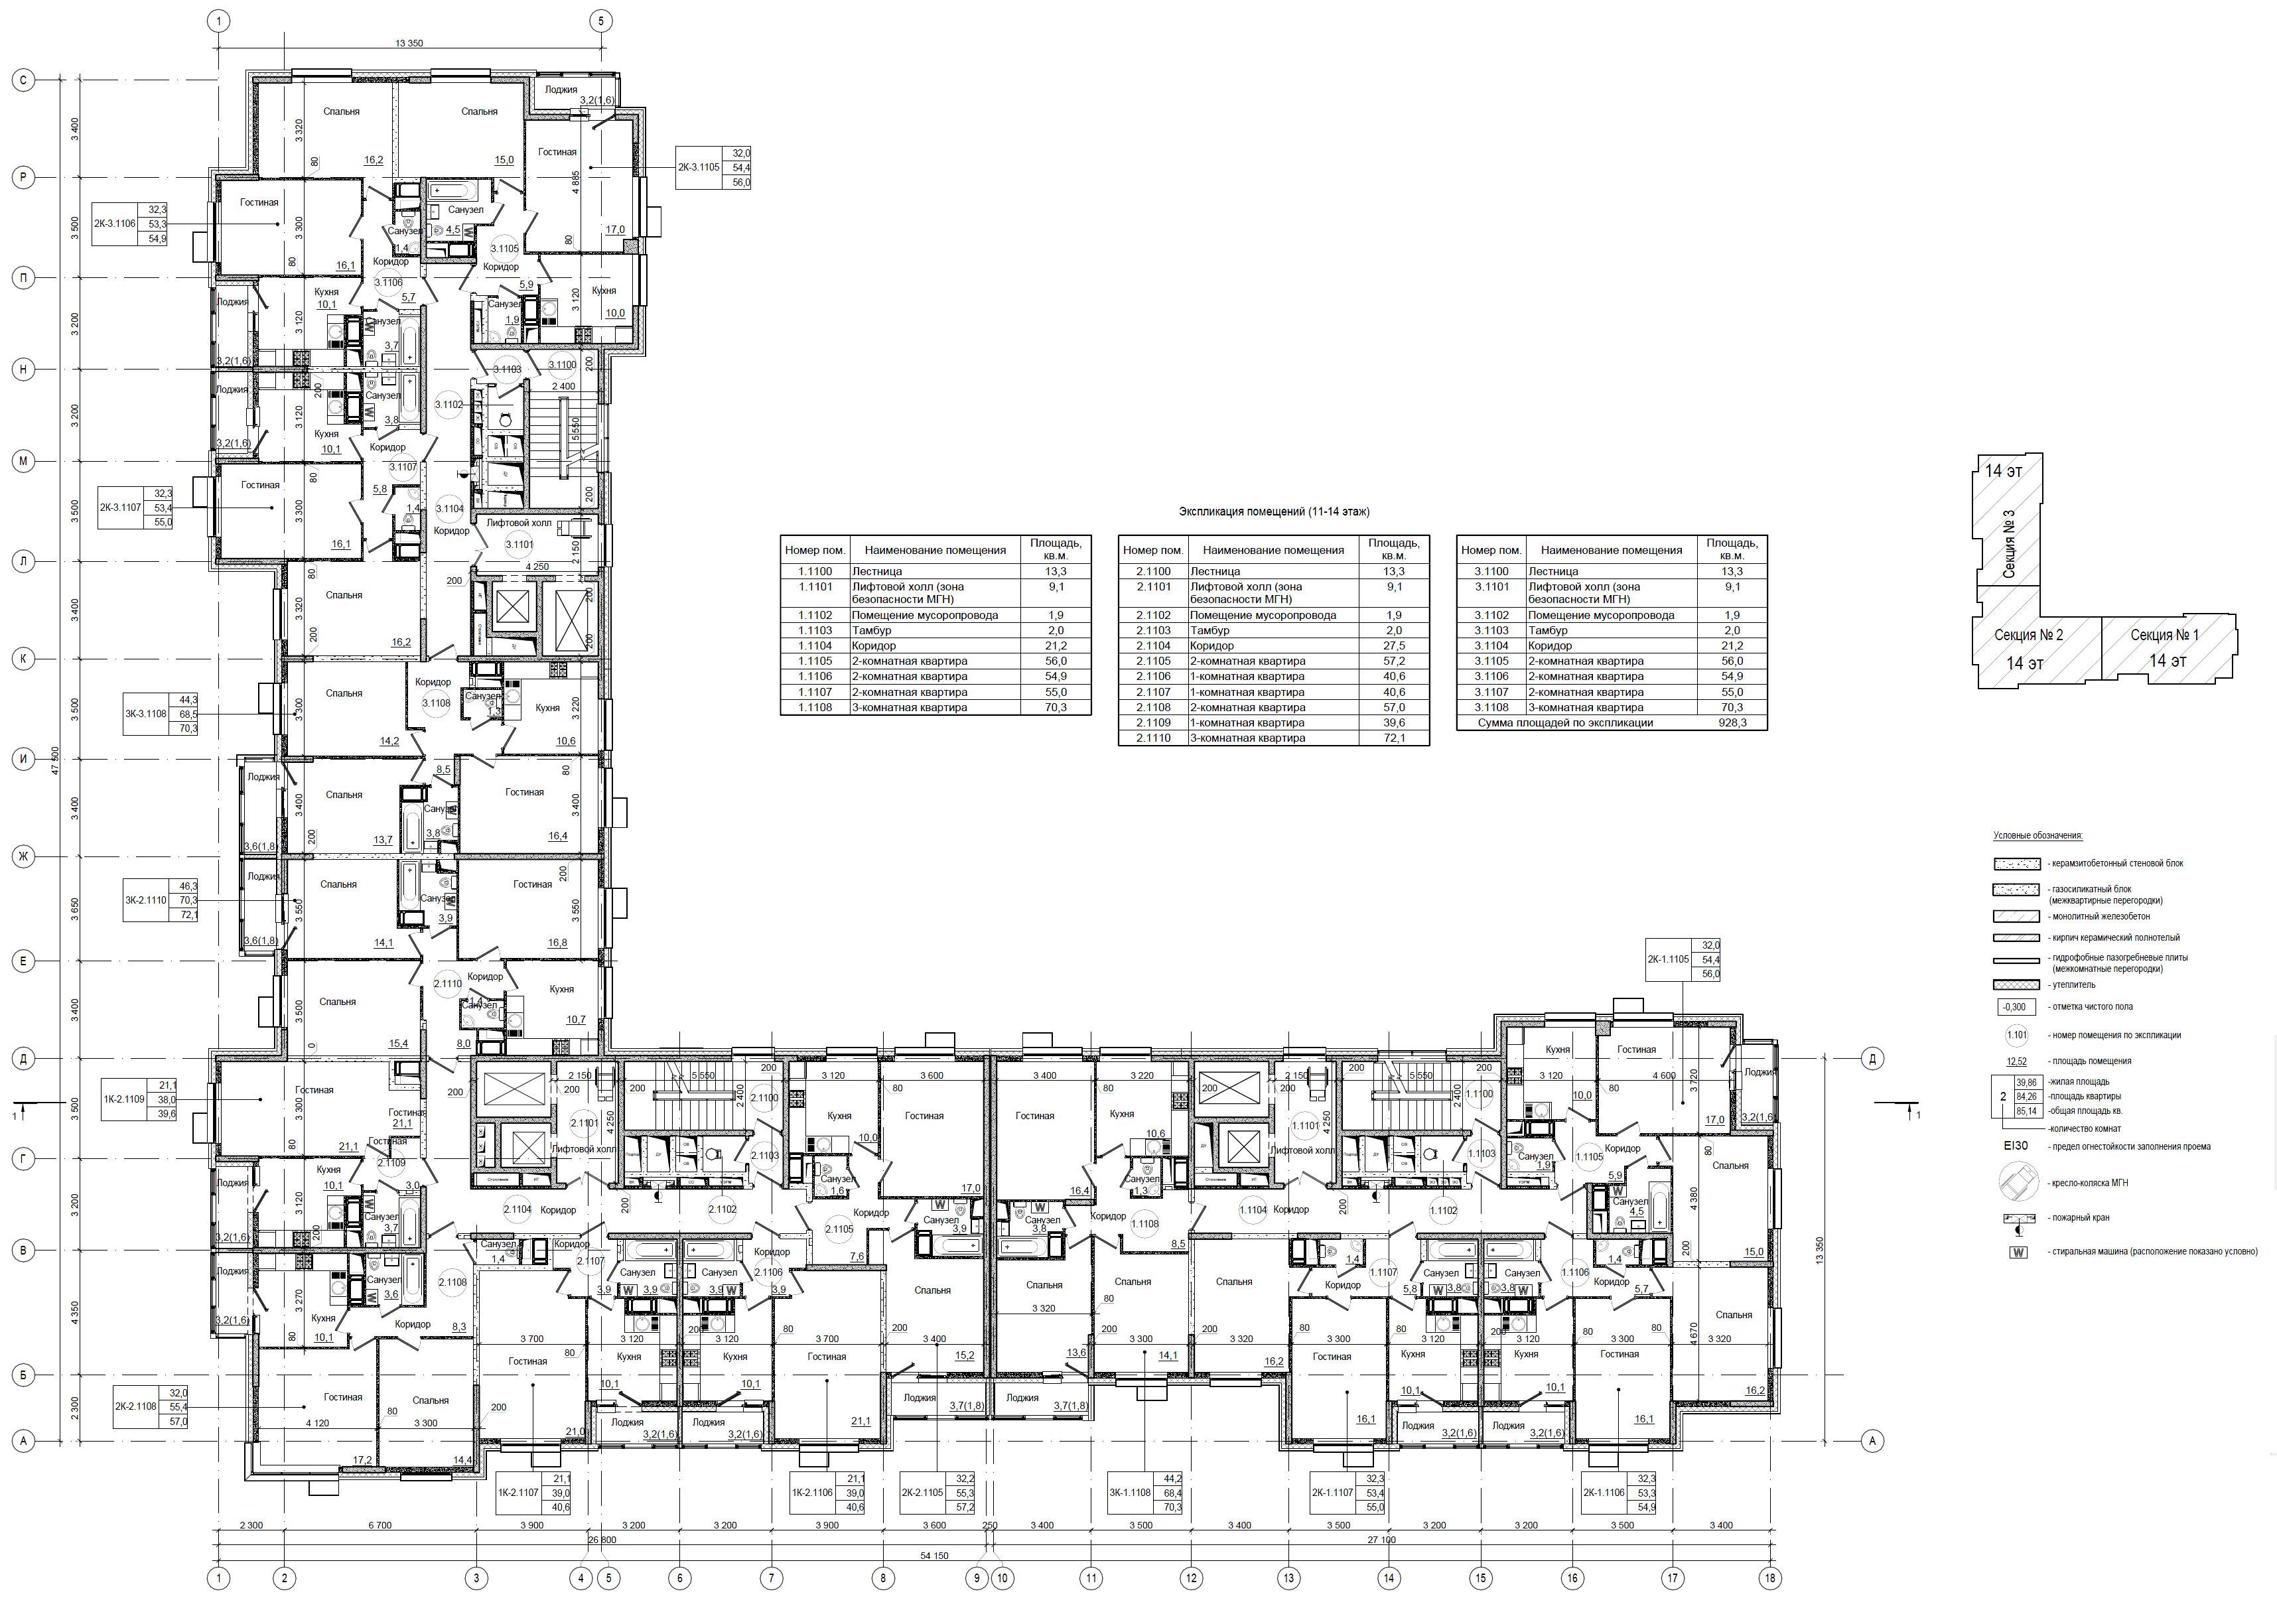 Старое Крюково (ЗелАО) 9 квартал началось строительства дома под реновацию планировки квартир